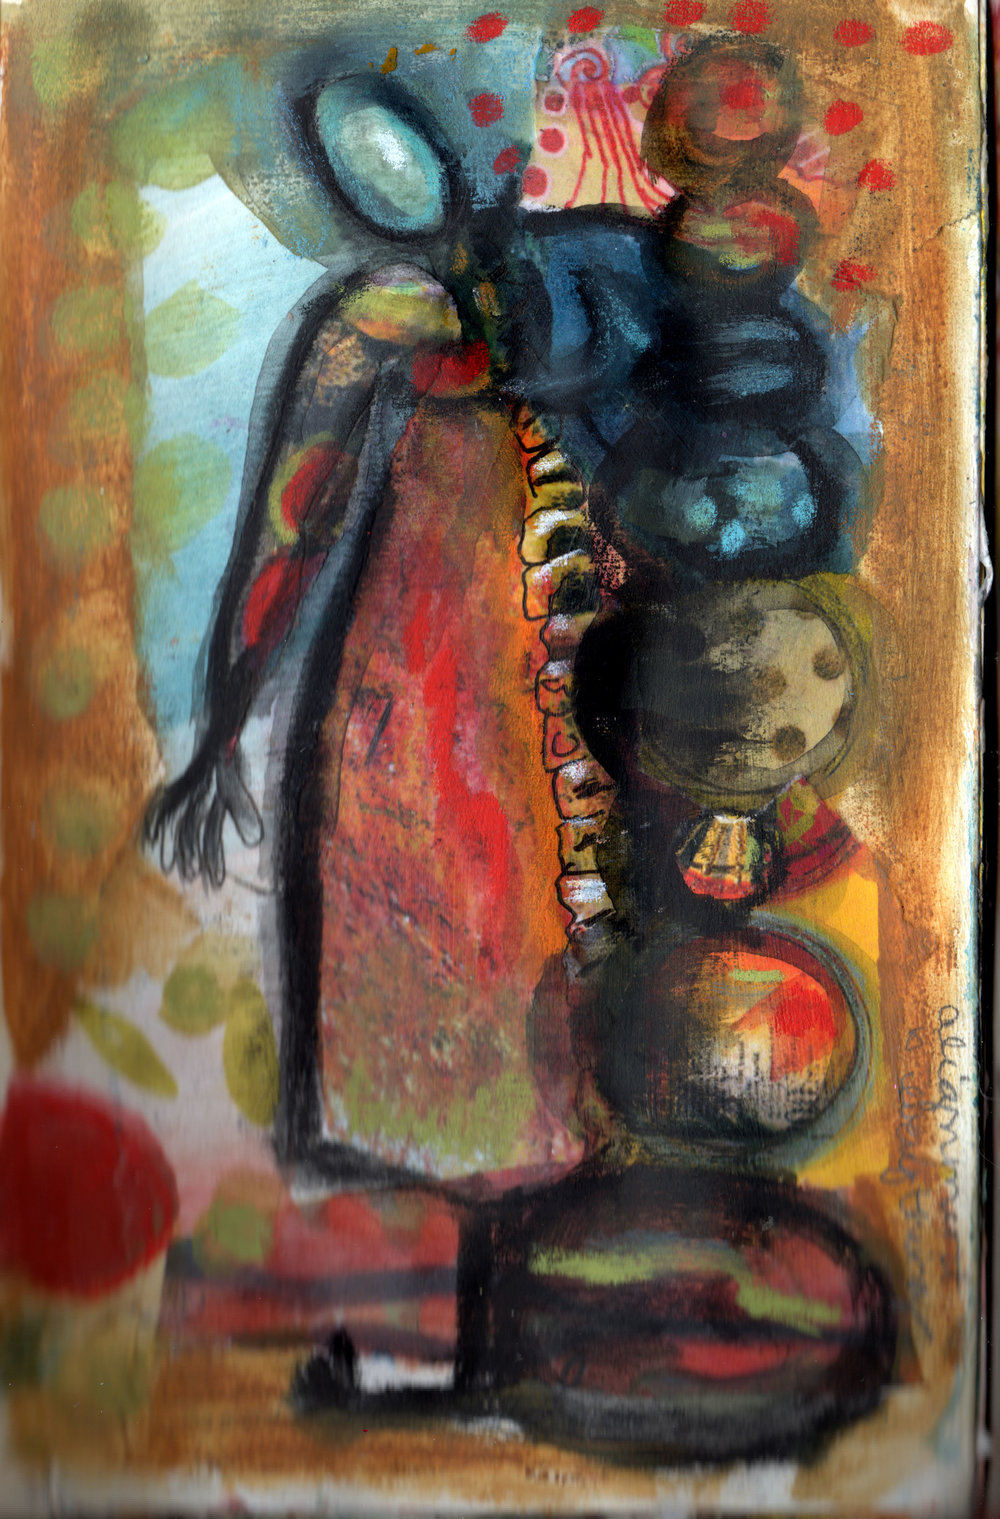 Fonda Haight - Image1-323.jpg